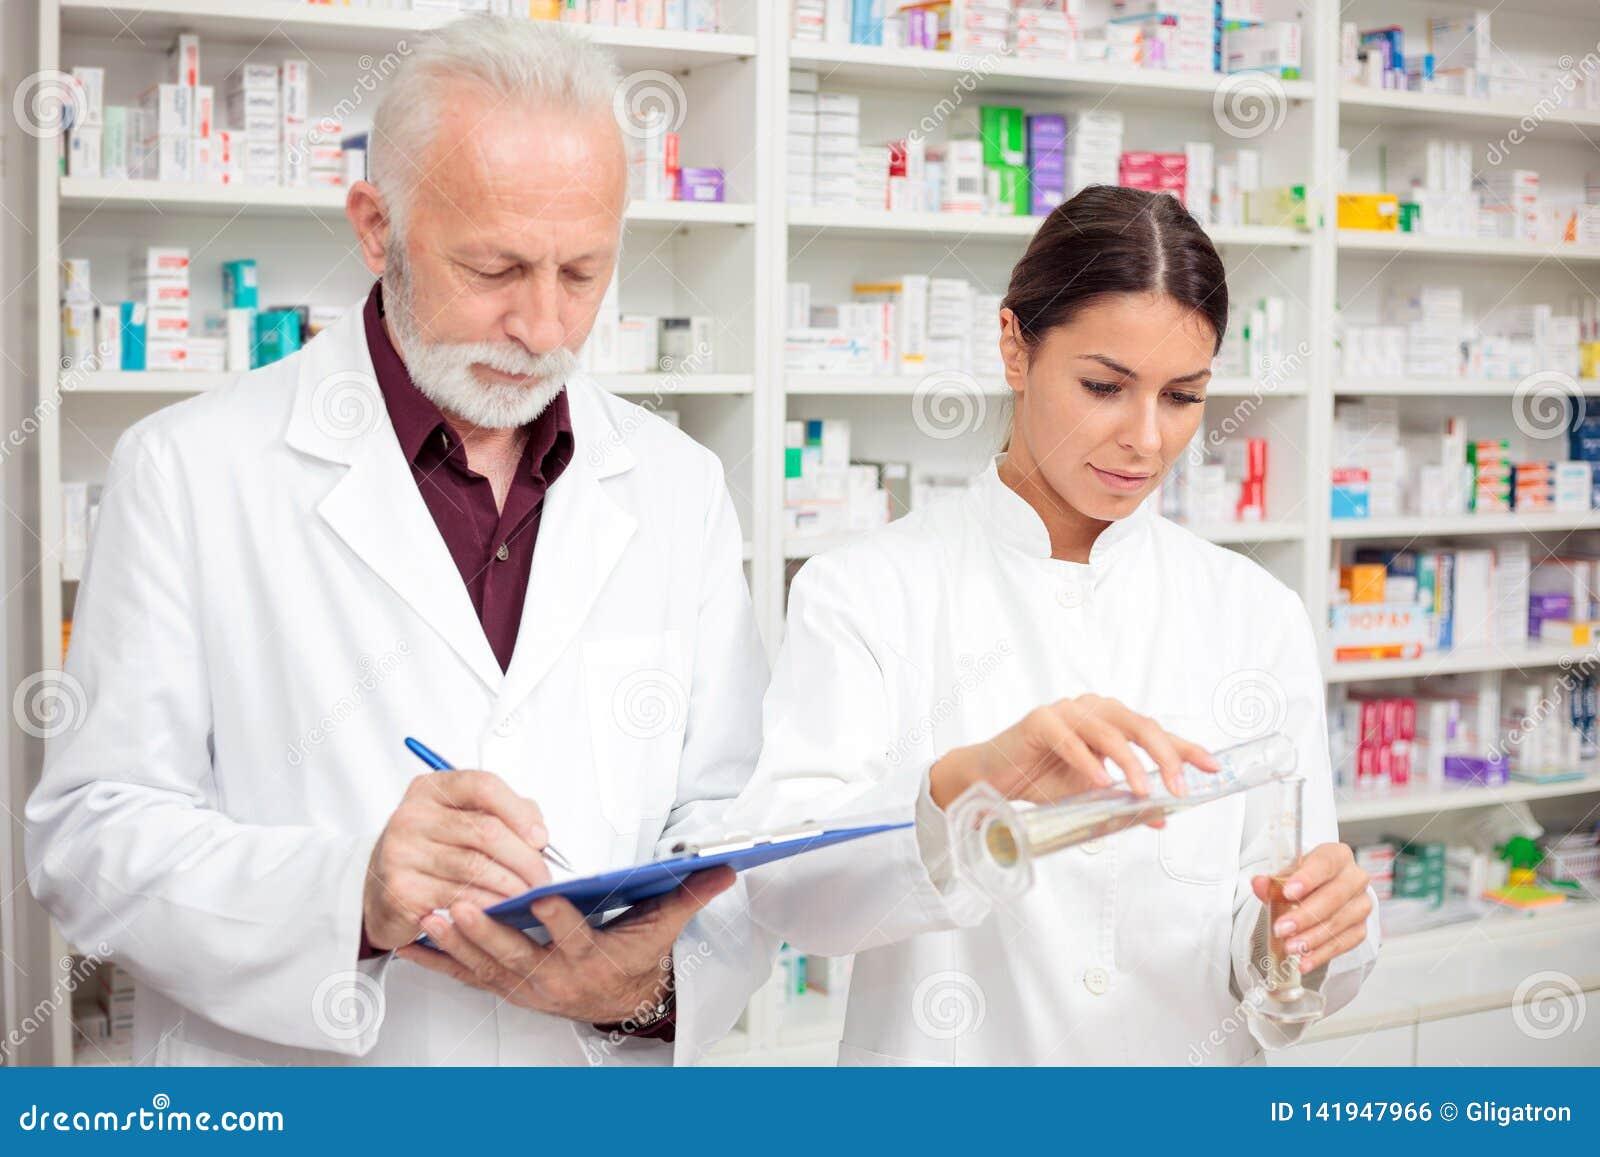 Älterer Mann und junge weibliche Apotheker, die Chemikalien in einem Drugstore mischen